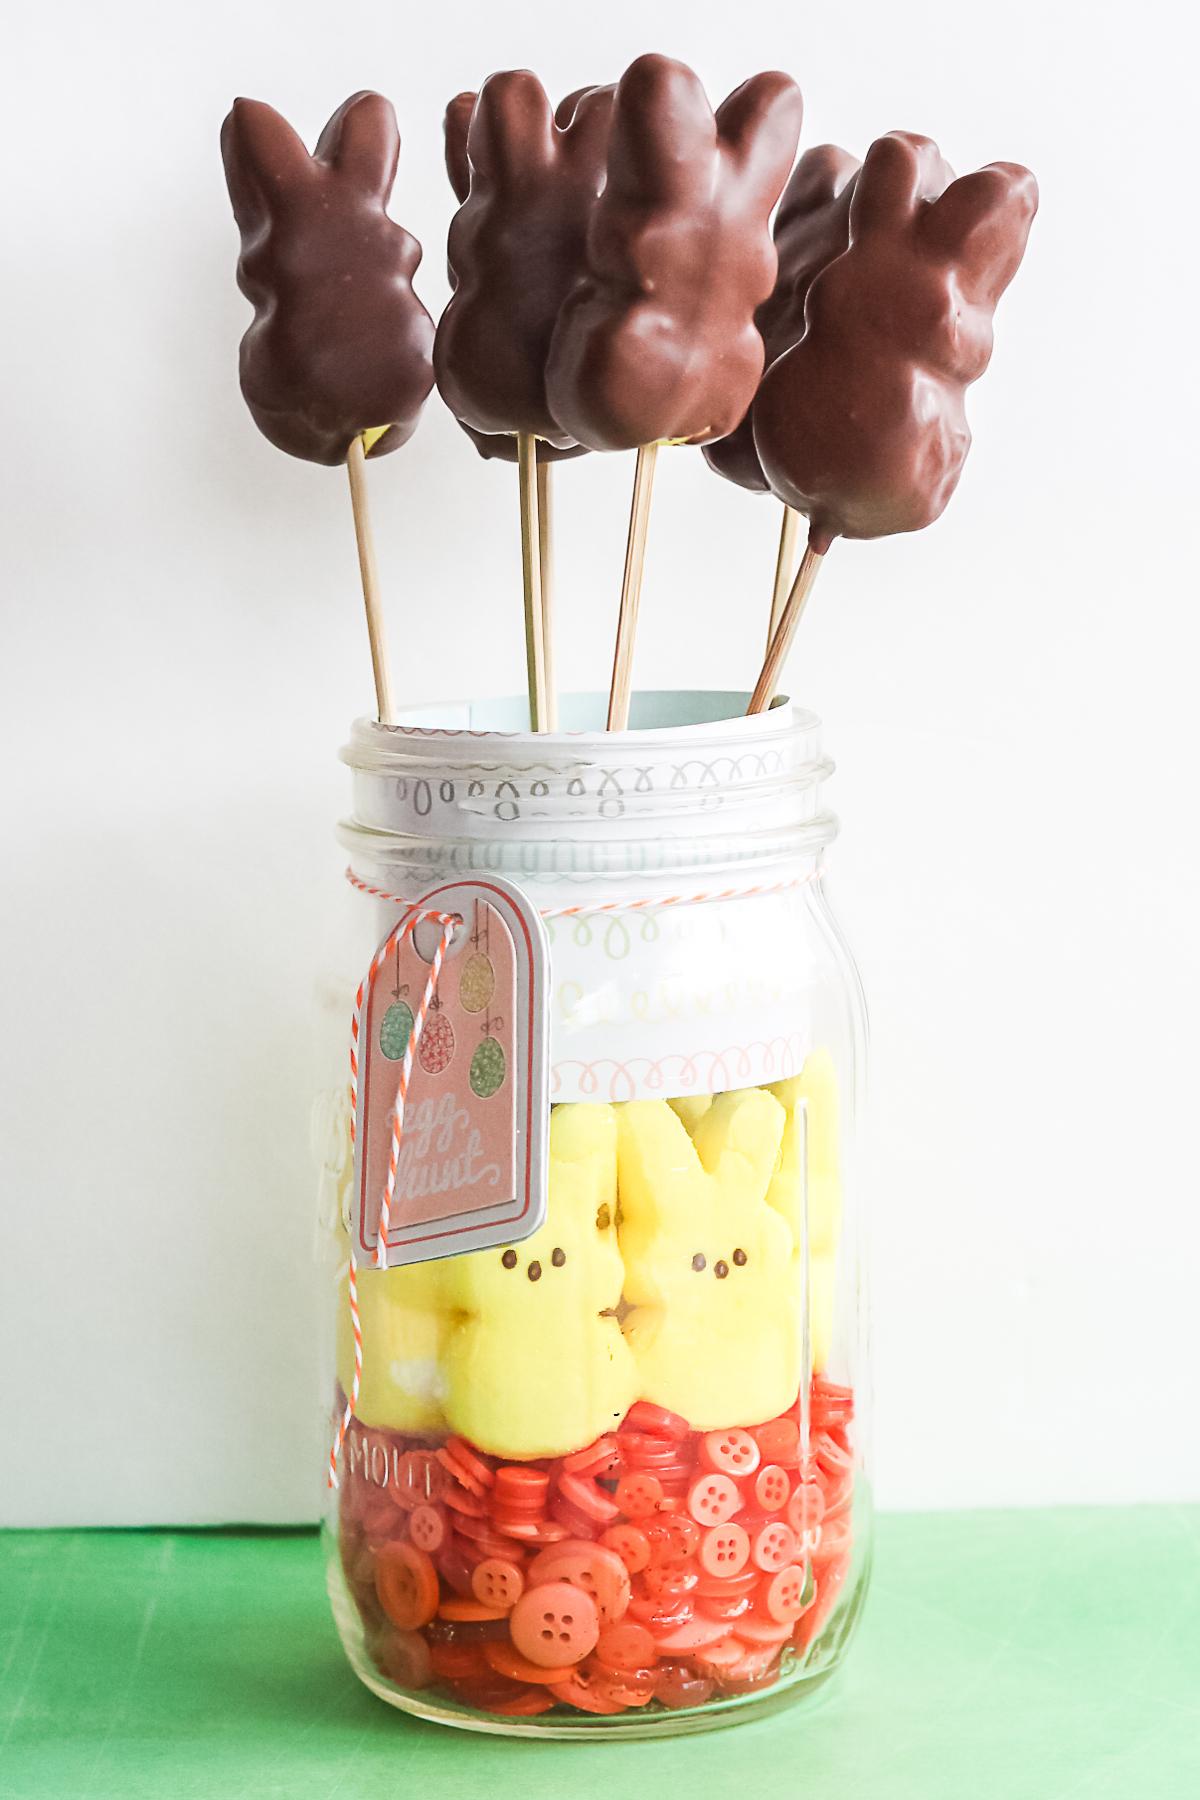 mason jar holding chocolate-covered peeps